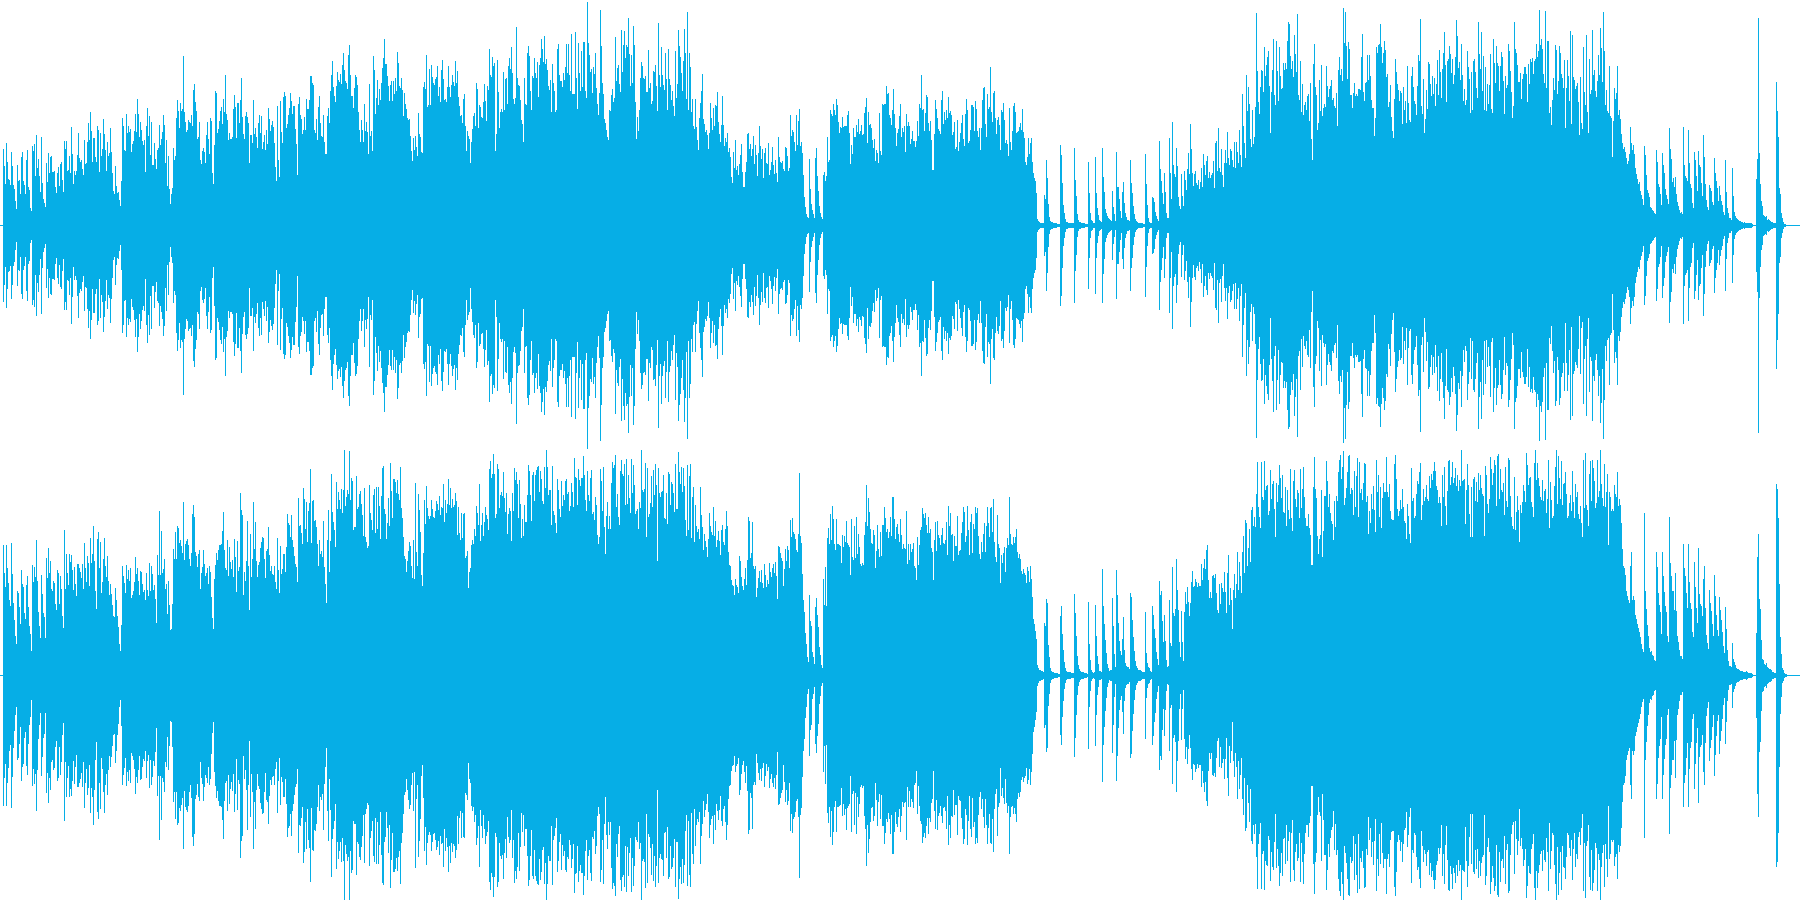 荘厳な雰囲気漂う音楽の再生済みの波形